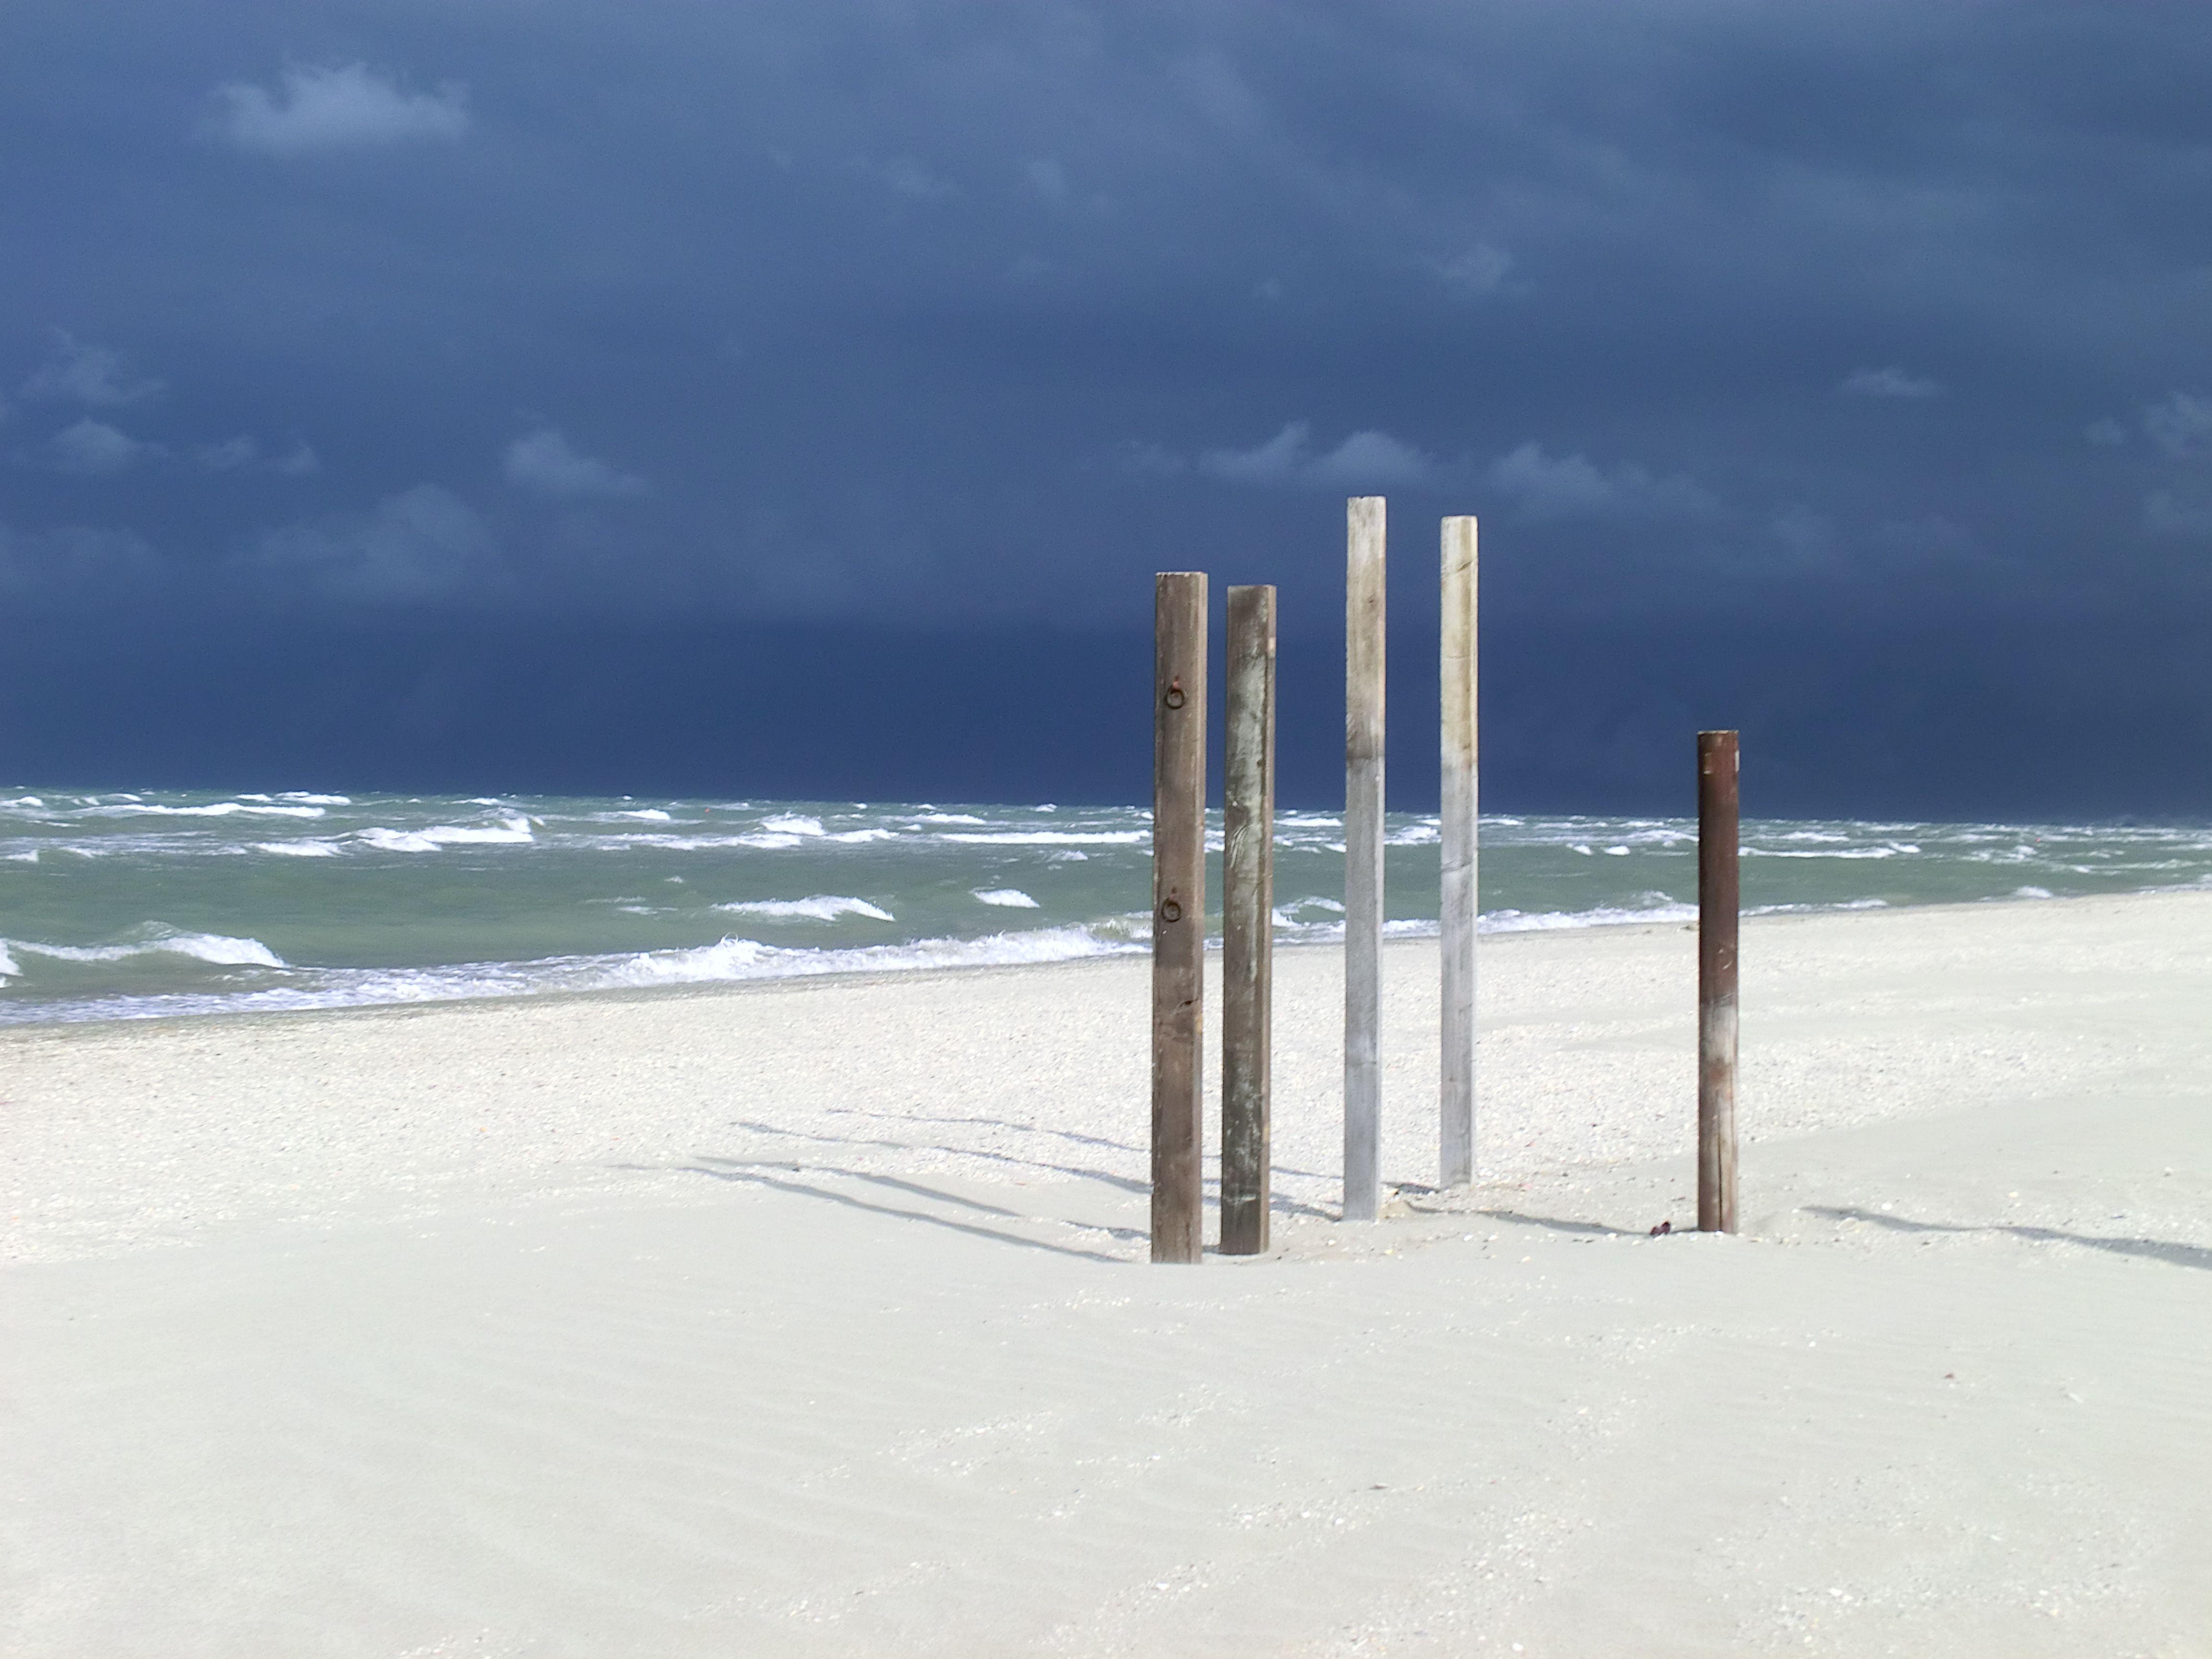 Le foto di Roby al Bagno Franco spiaggia 70/71 Pinarella di Cervia ...